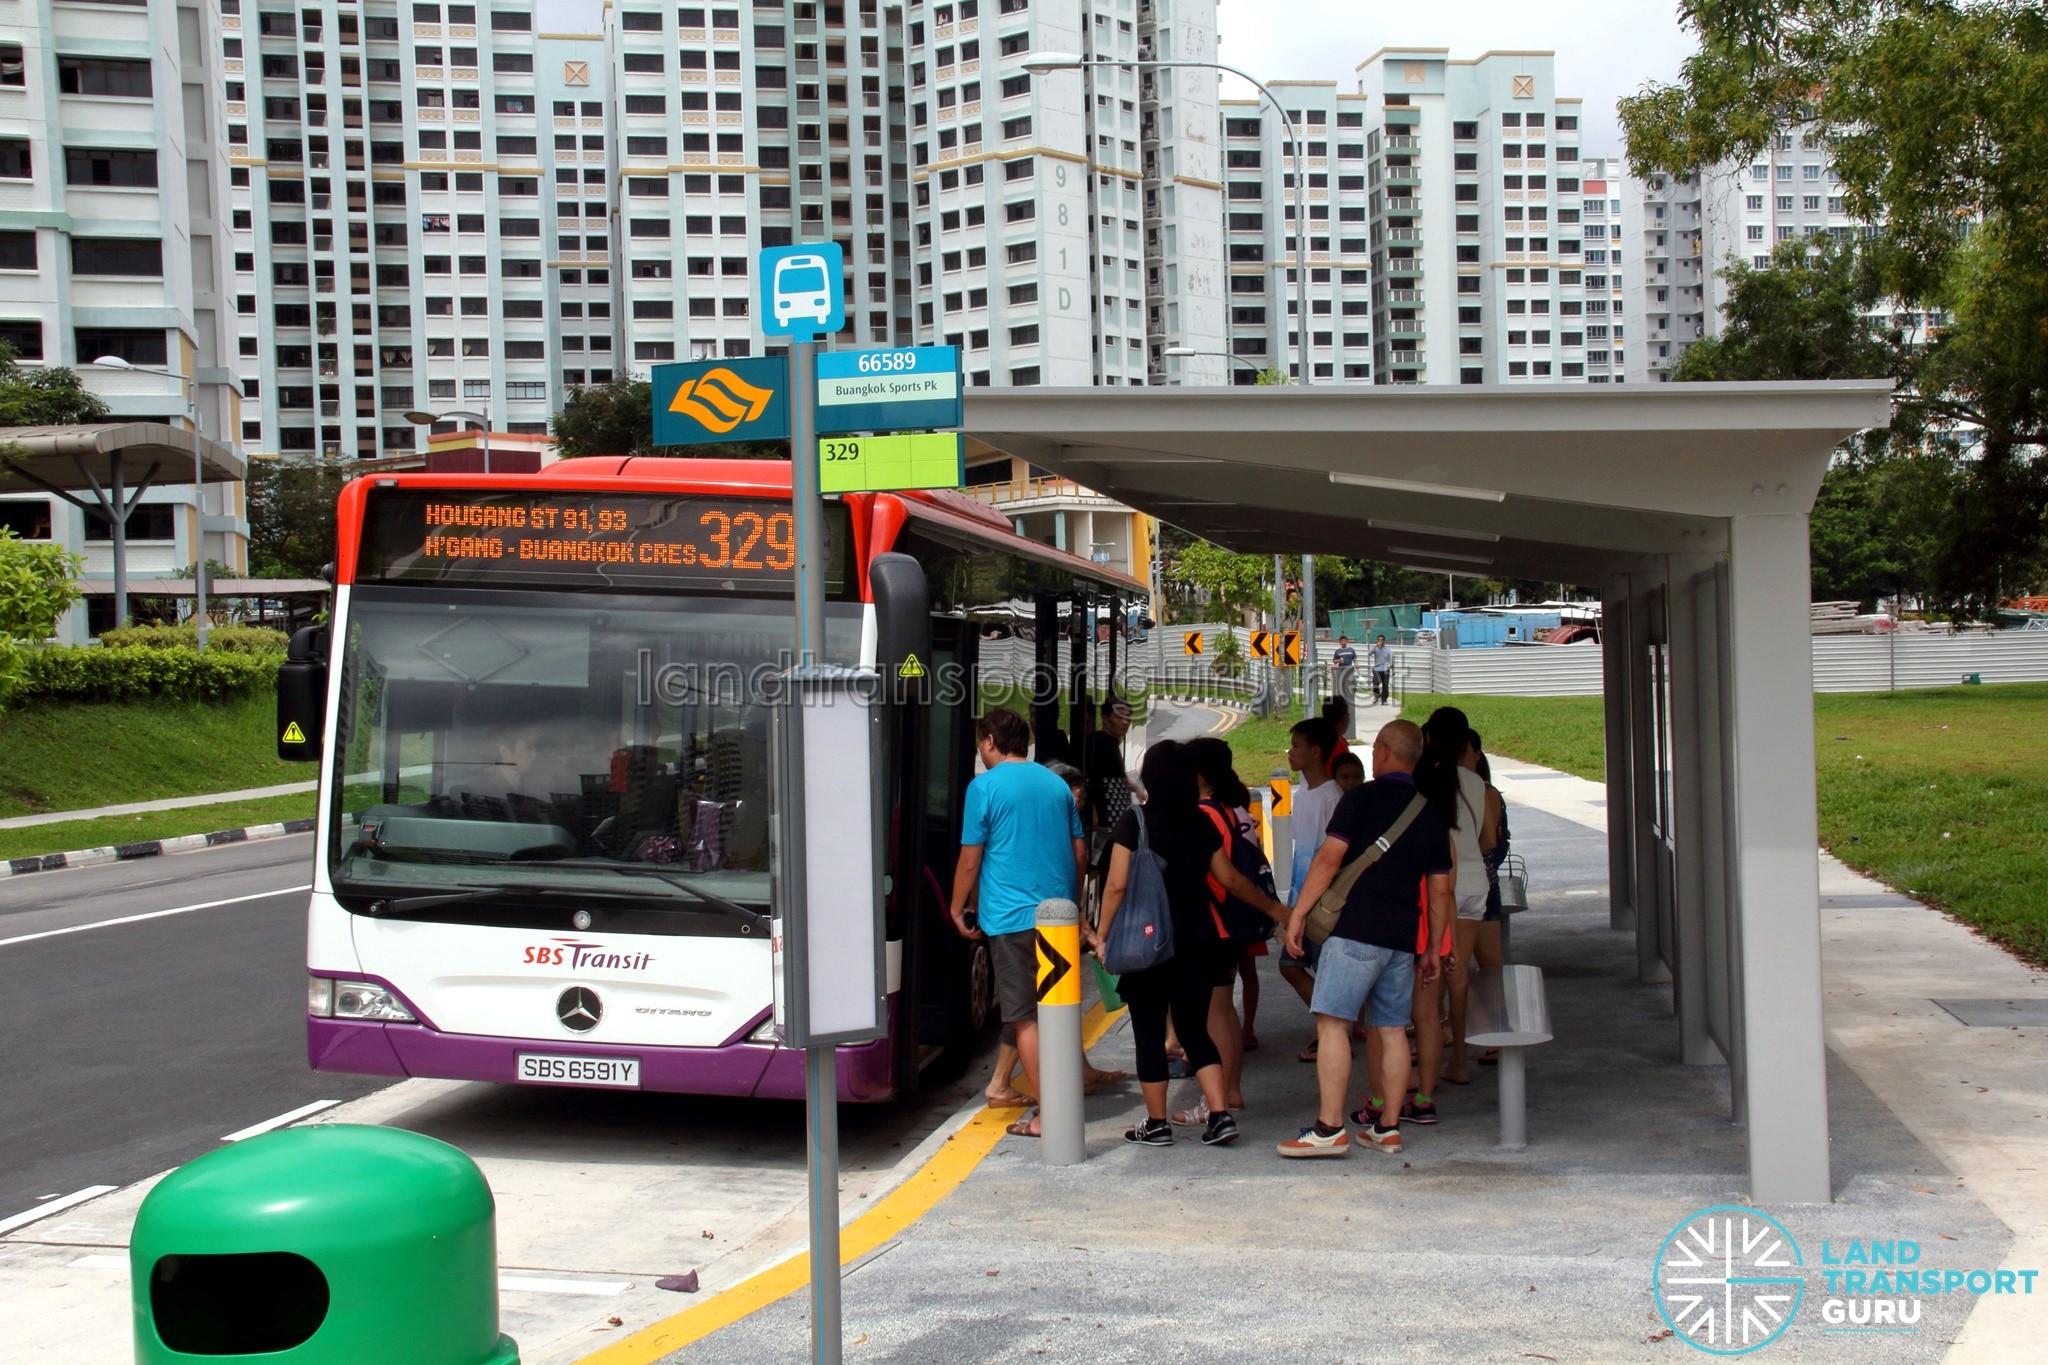 SBS Transit Mercedes-Benz Citaro (SBS6591Y) - Service 329 at Buangkok Crescent